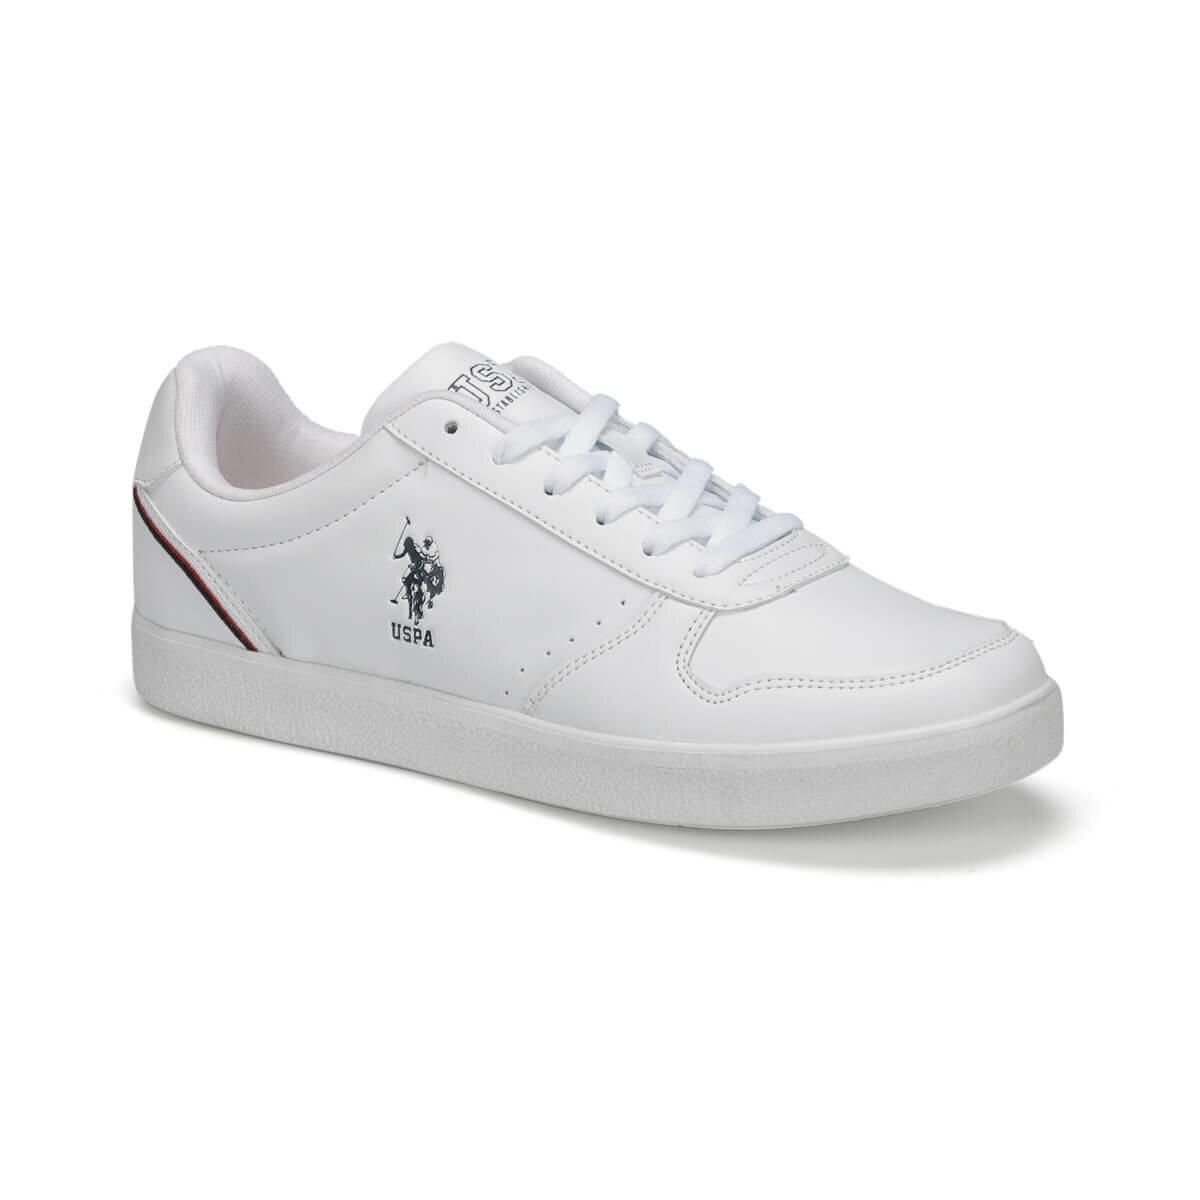 Ayakk.'ten Erkek Rahat Ayakkabılar'de FLO JACKSON 9PR Beyaz Erkek Sneaker Ayakkabı U.S. POLO ASSN. title=